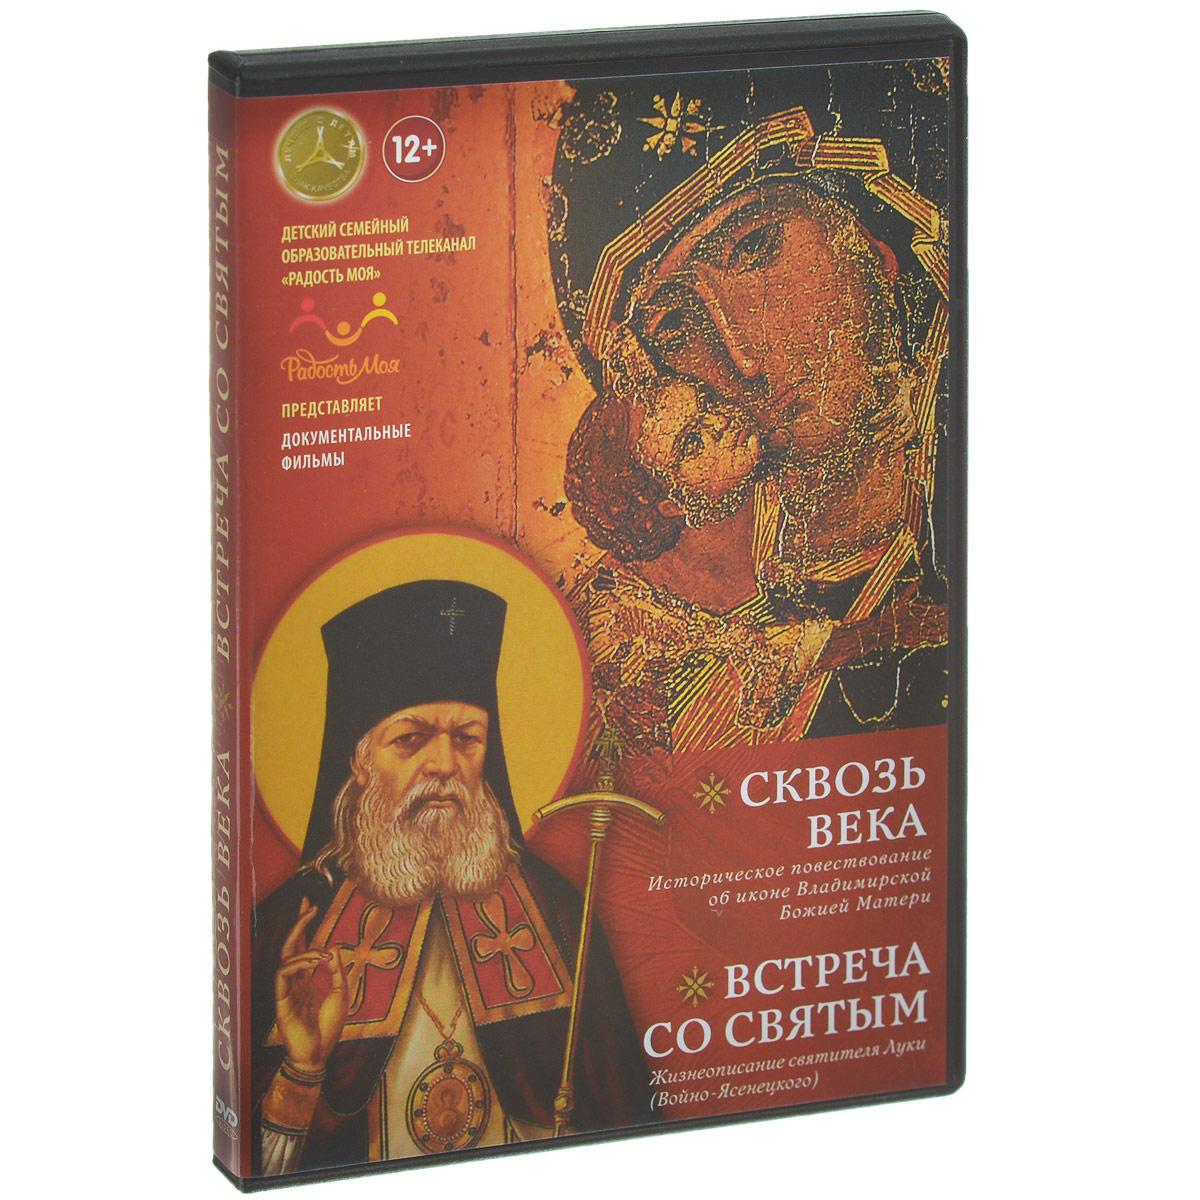 Сквозь века: Владимирская - самая древняя, самая известная, самая почитаемая, но и самая загадочная из икон Божией Матери. Часть её секретов